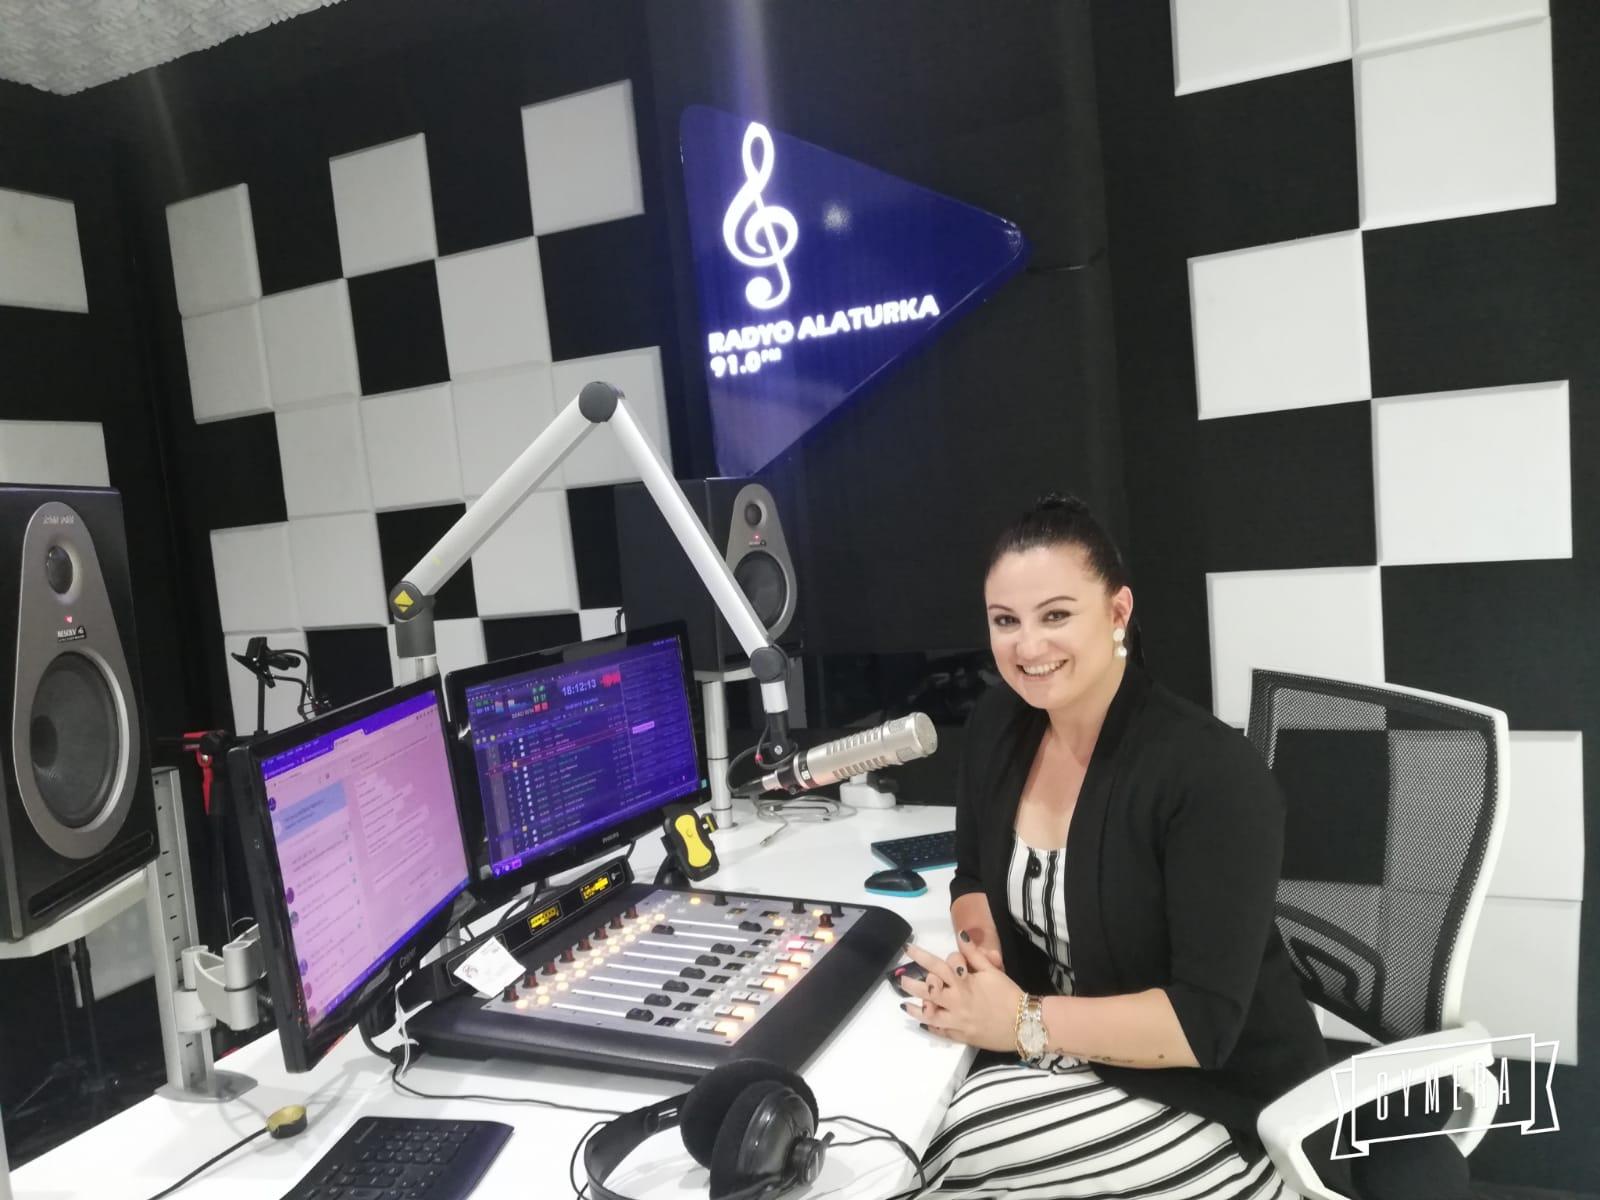 Beyza Koç Artık Radyo Alaturka'da!